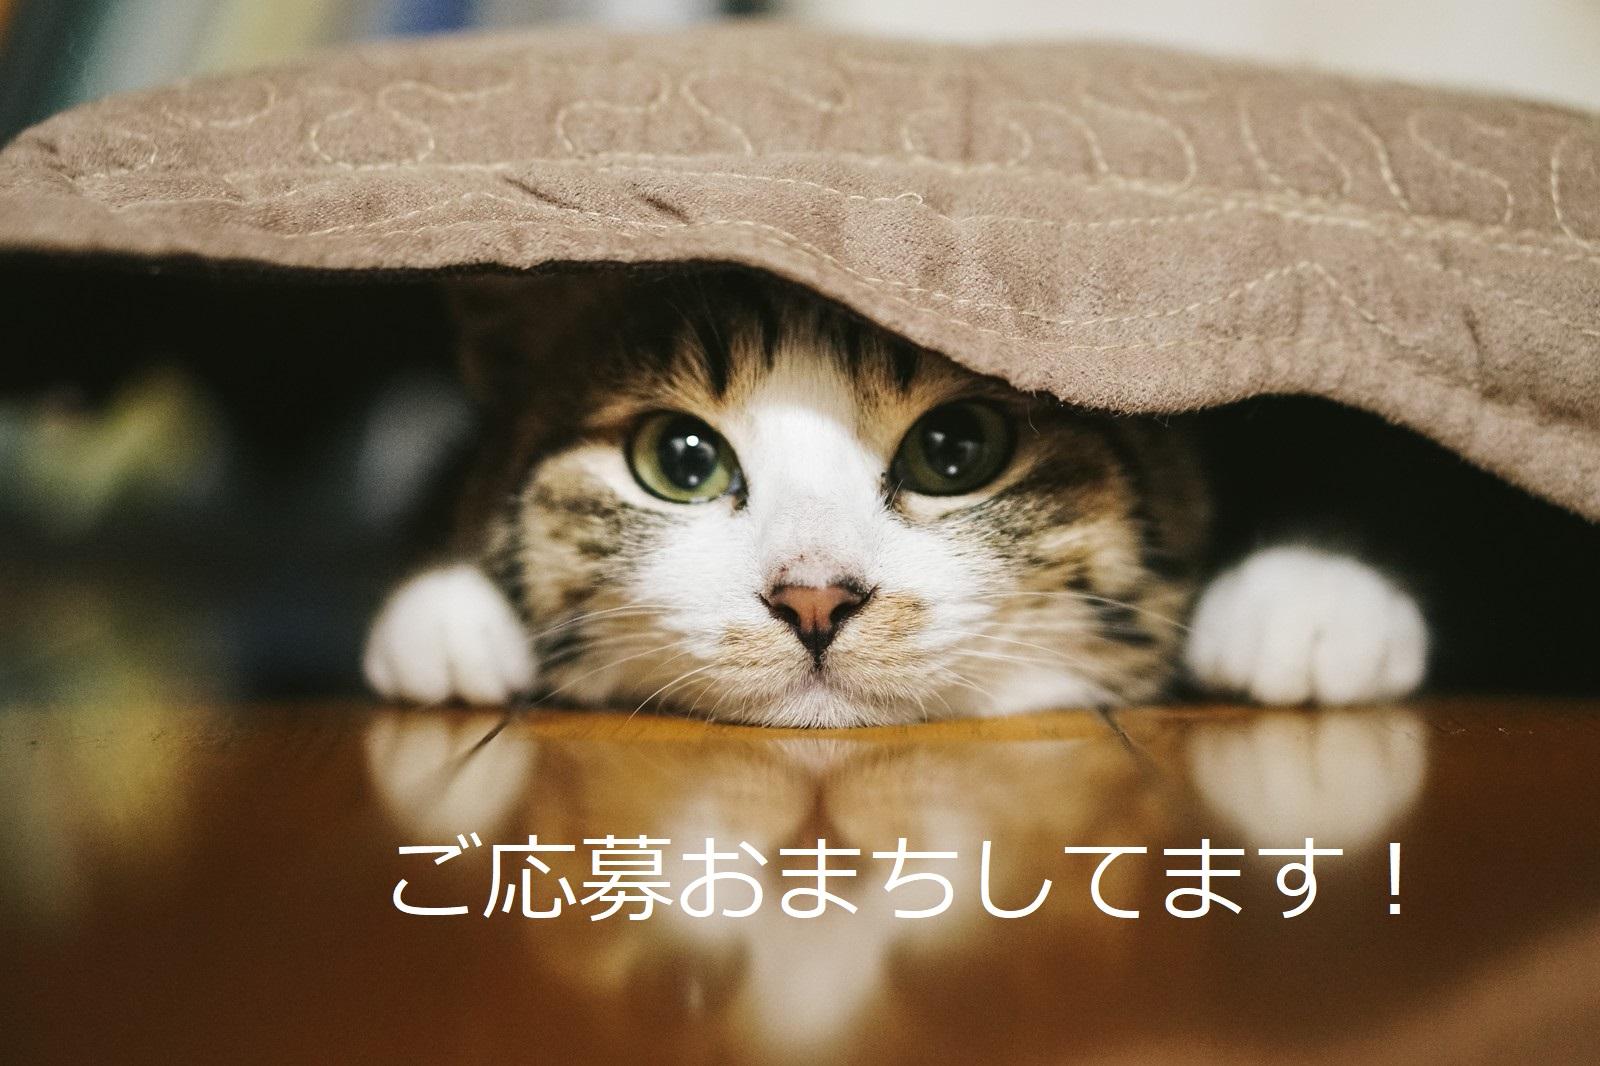 【神奈川県伊勢原市の求人】キレイなオフィスでの入力作業